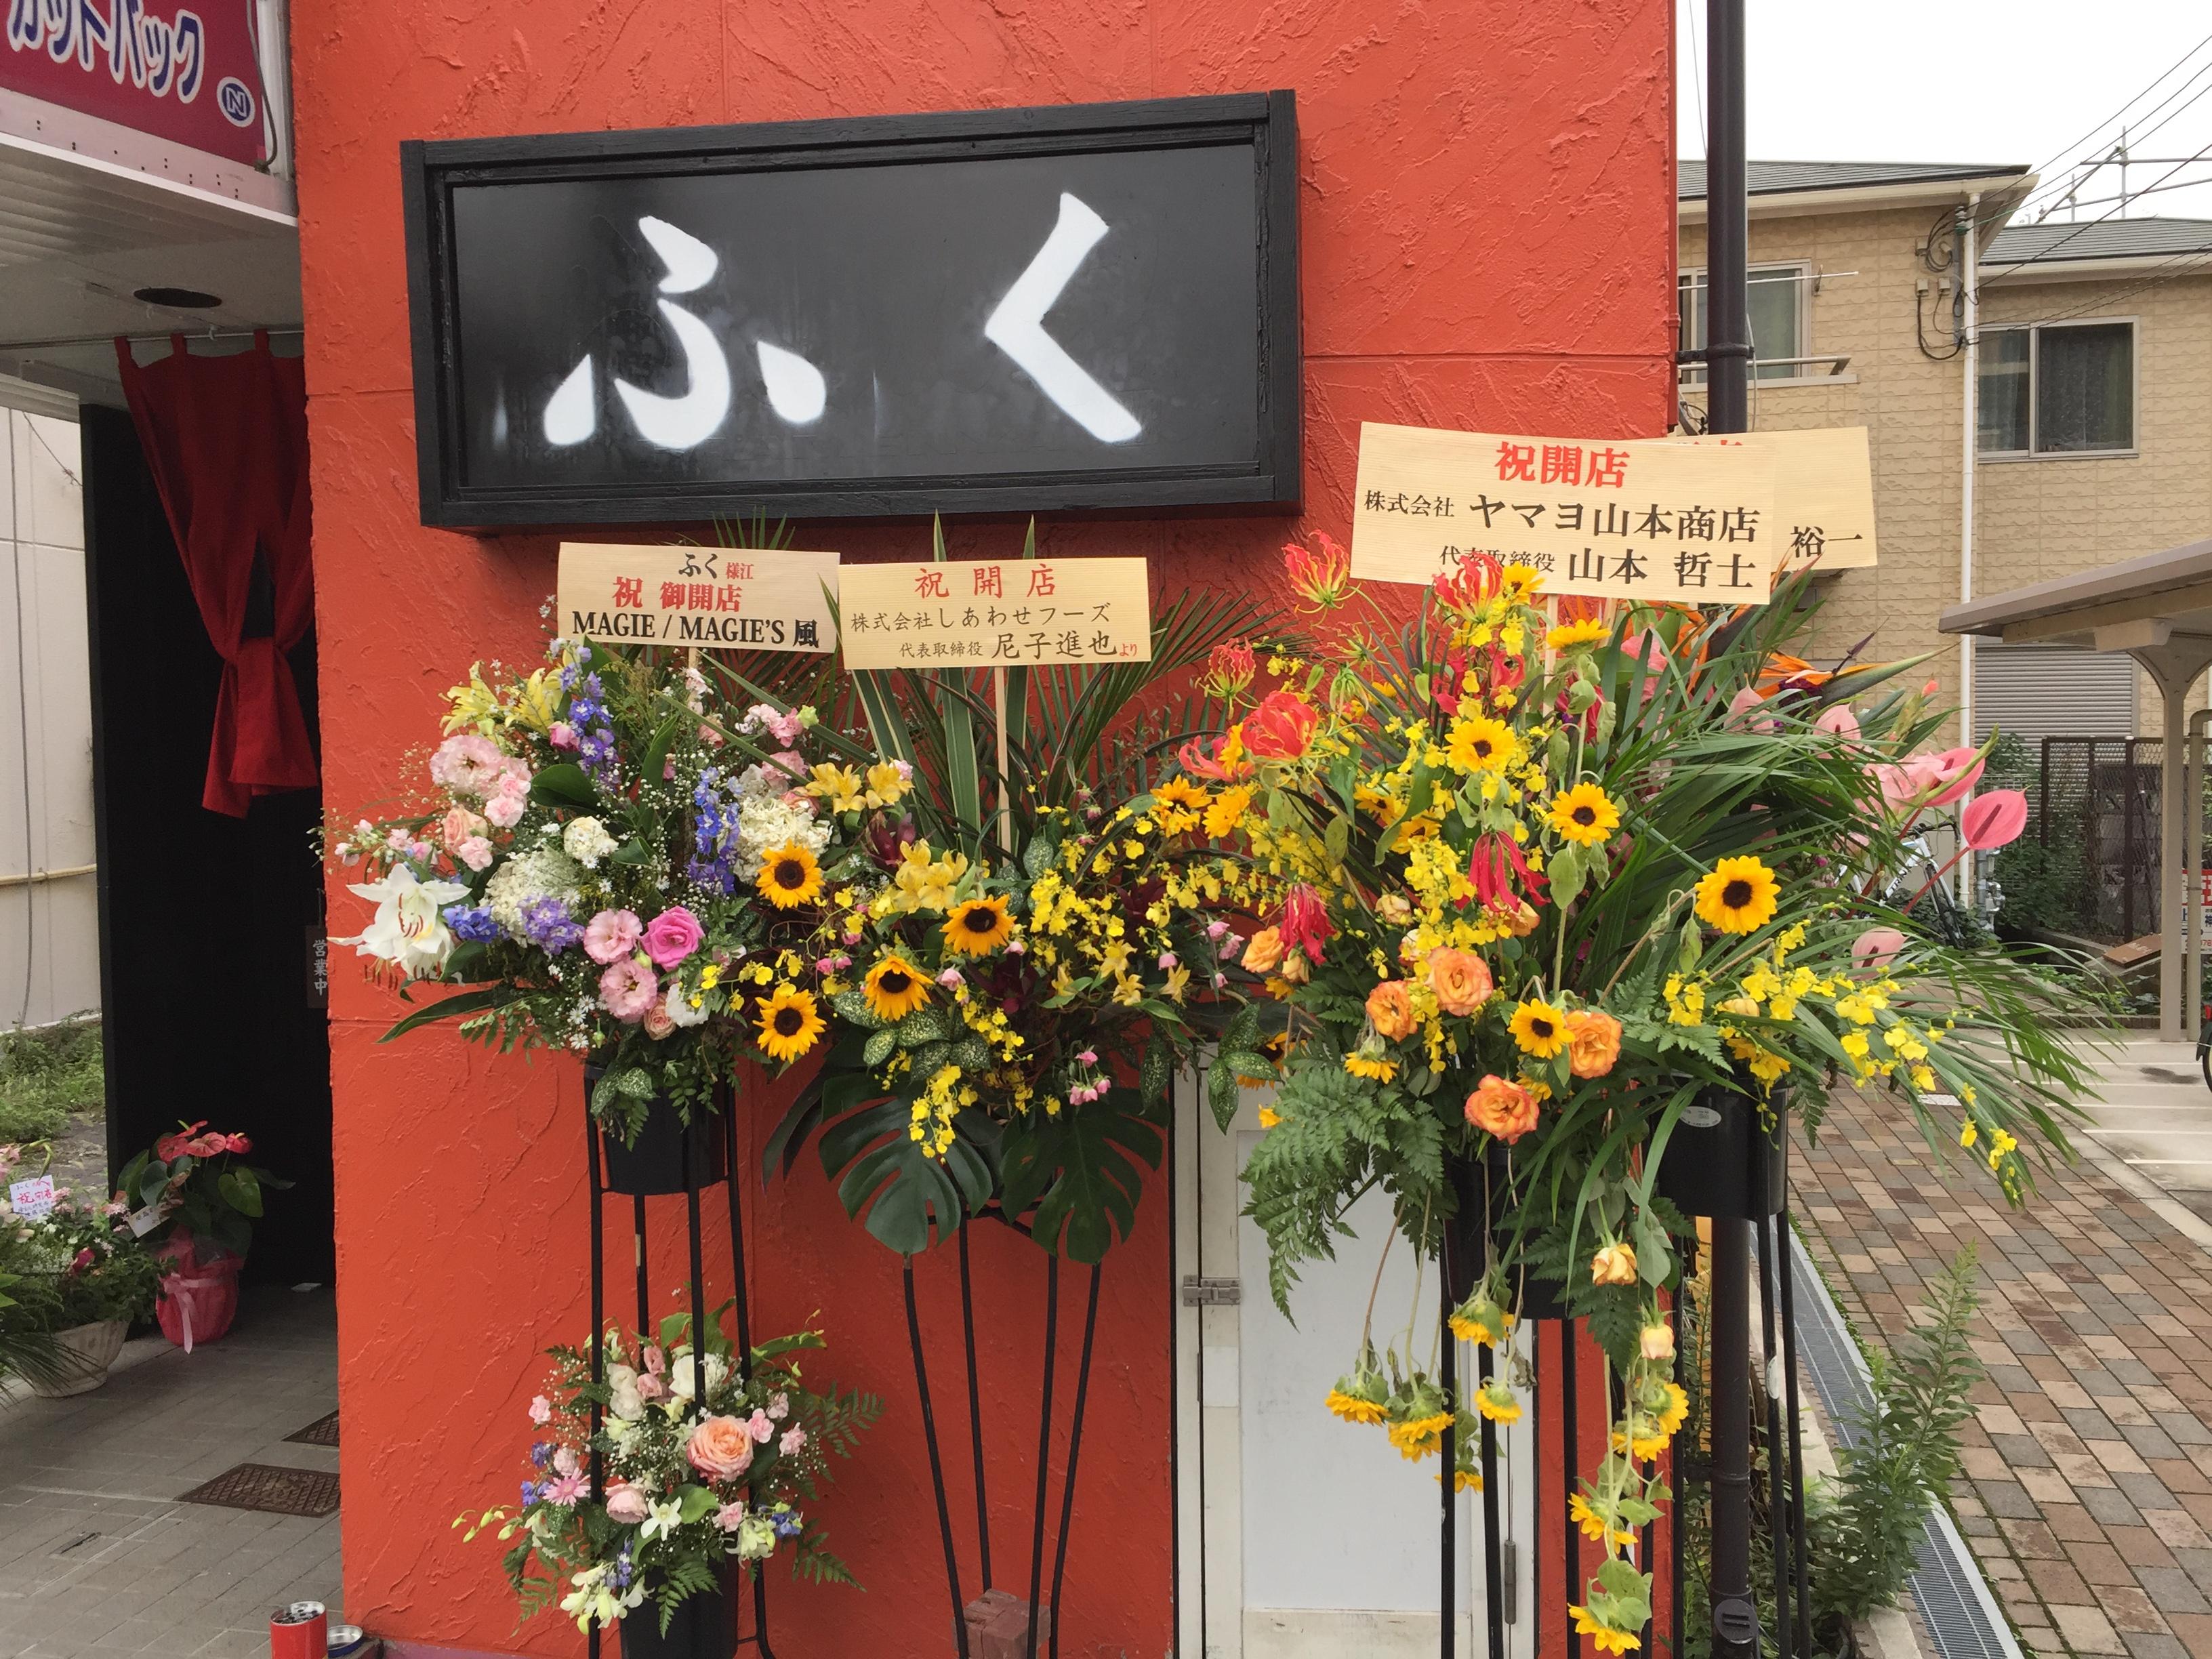 神戸・十二間道路沿いに、うどん屋「ふく」が10月1日にオープンしたよ【※食レポあり※】